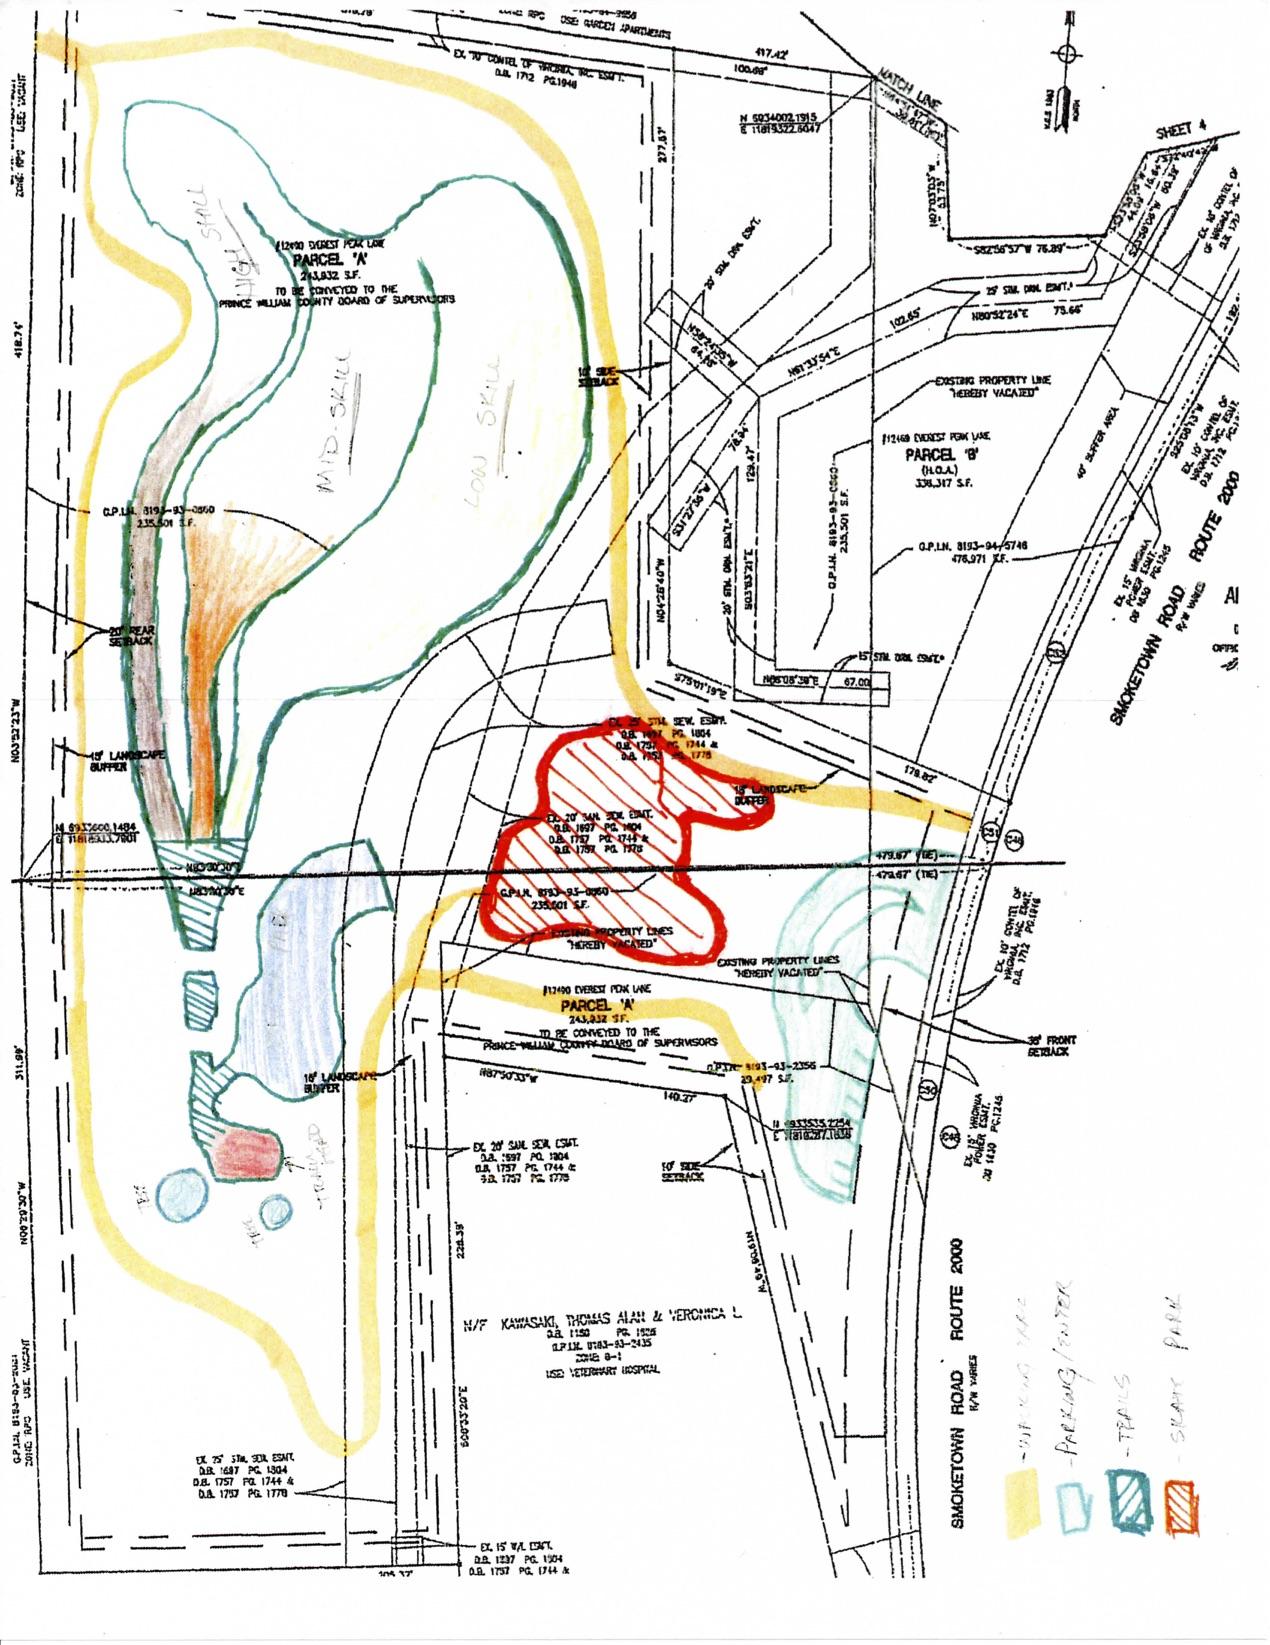 Site View 4 - Dan Corris's Drawing.jpg